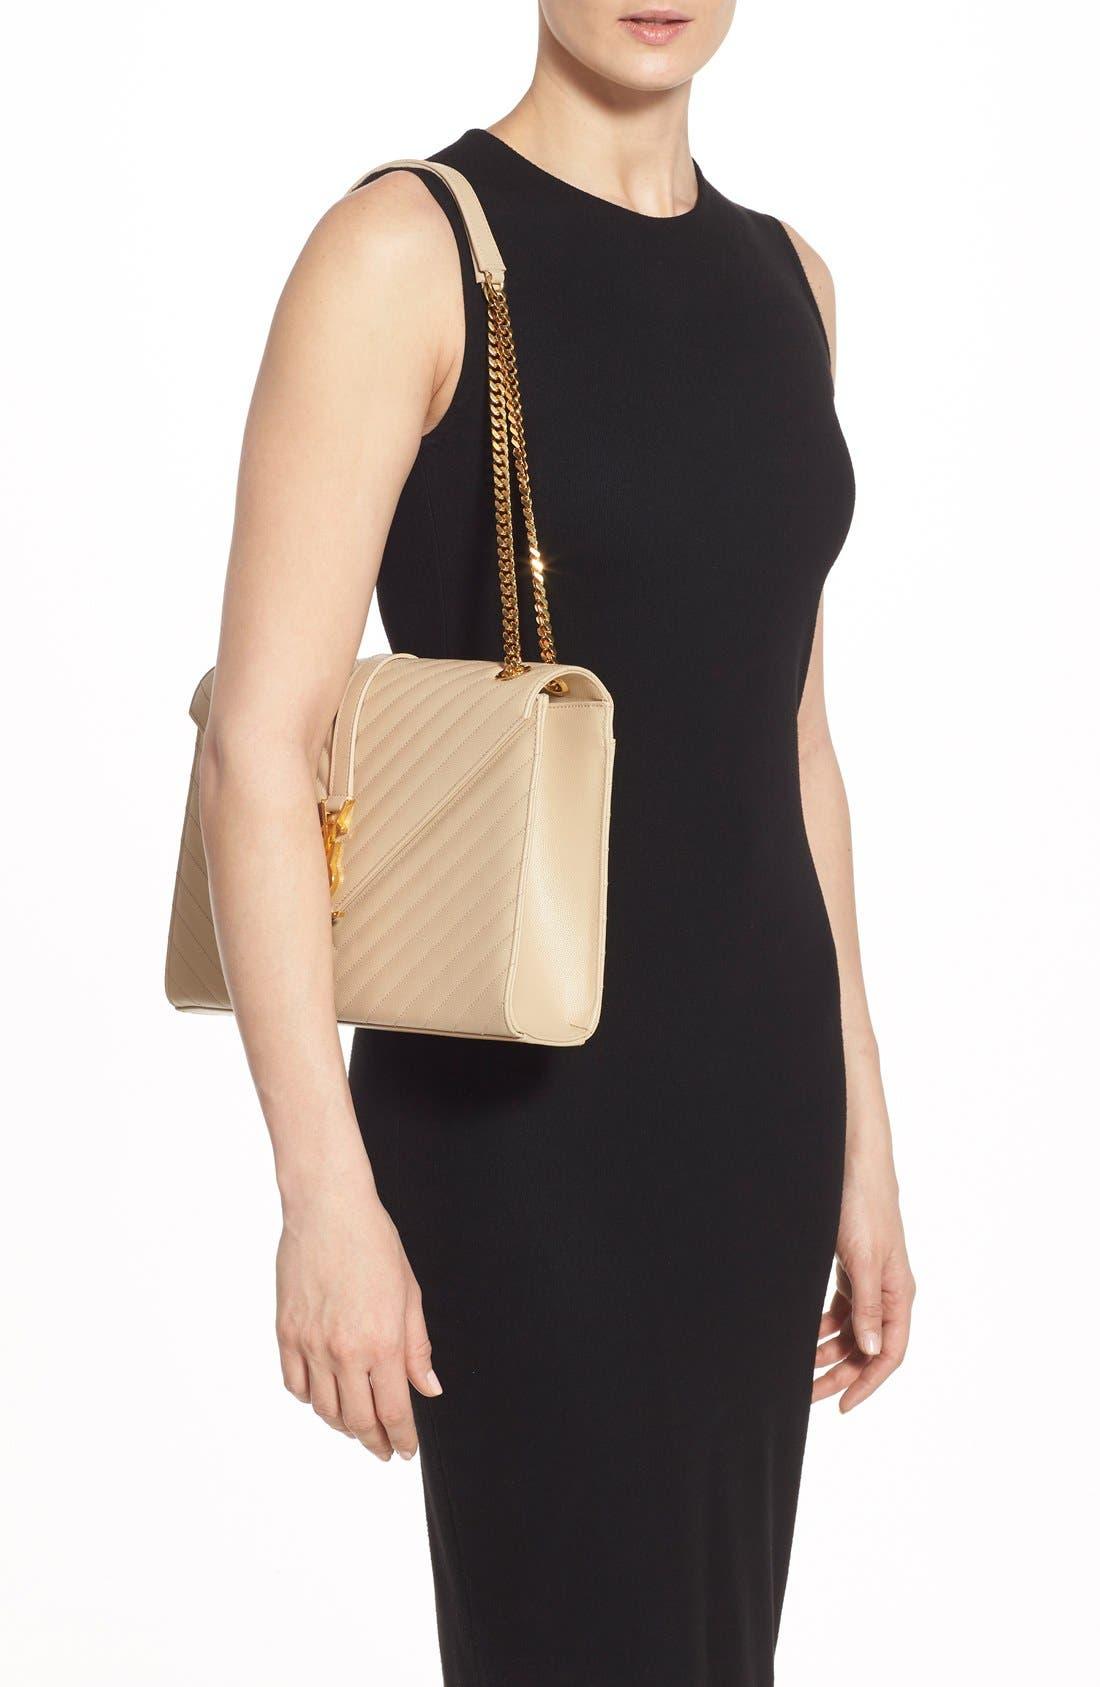 SAINT LAURENT,                             'Large Monogram' Grained Leather Shoulder Bag,                             Alternate thumbnail 2, color,                             POUDRE